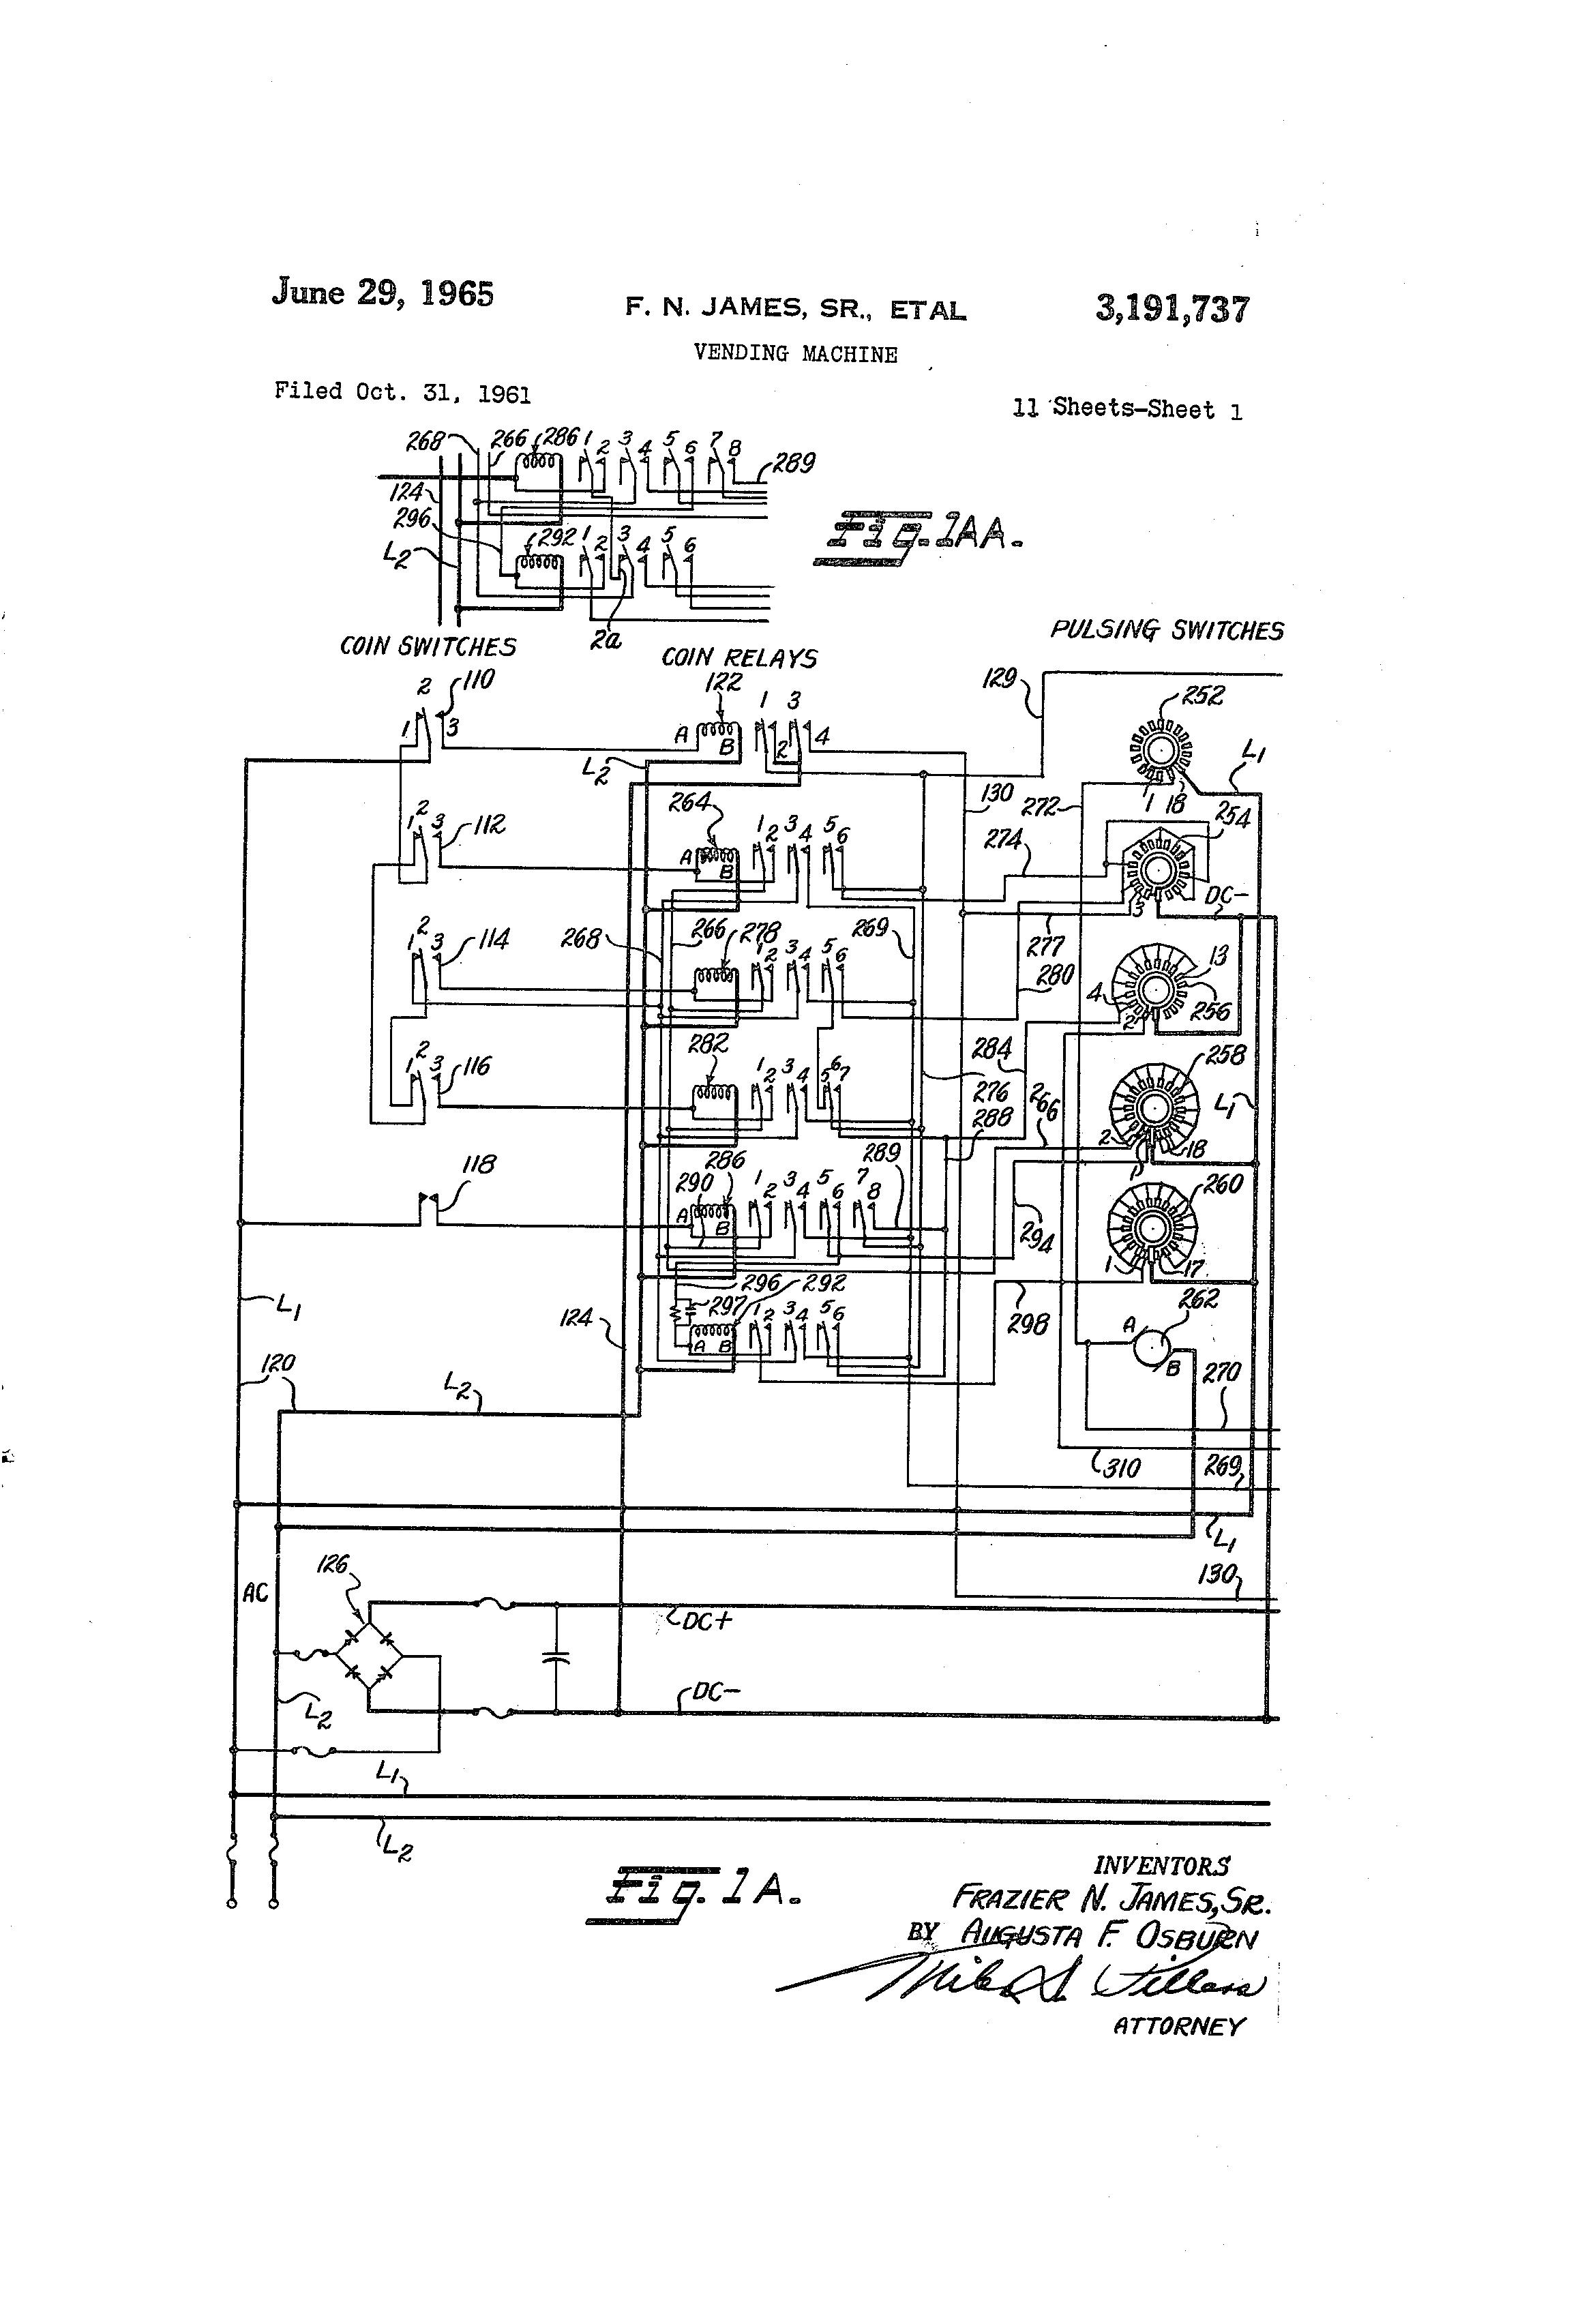 براءة الاختراع US3191737 - Vending machine - براءات اختراع